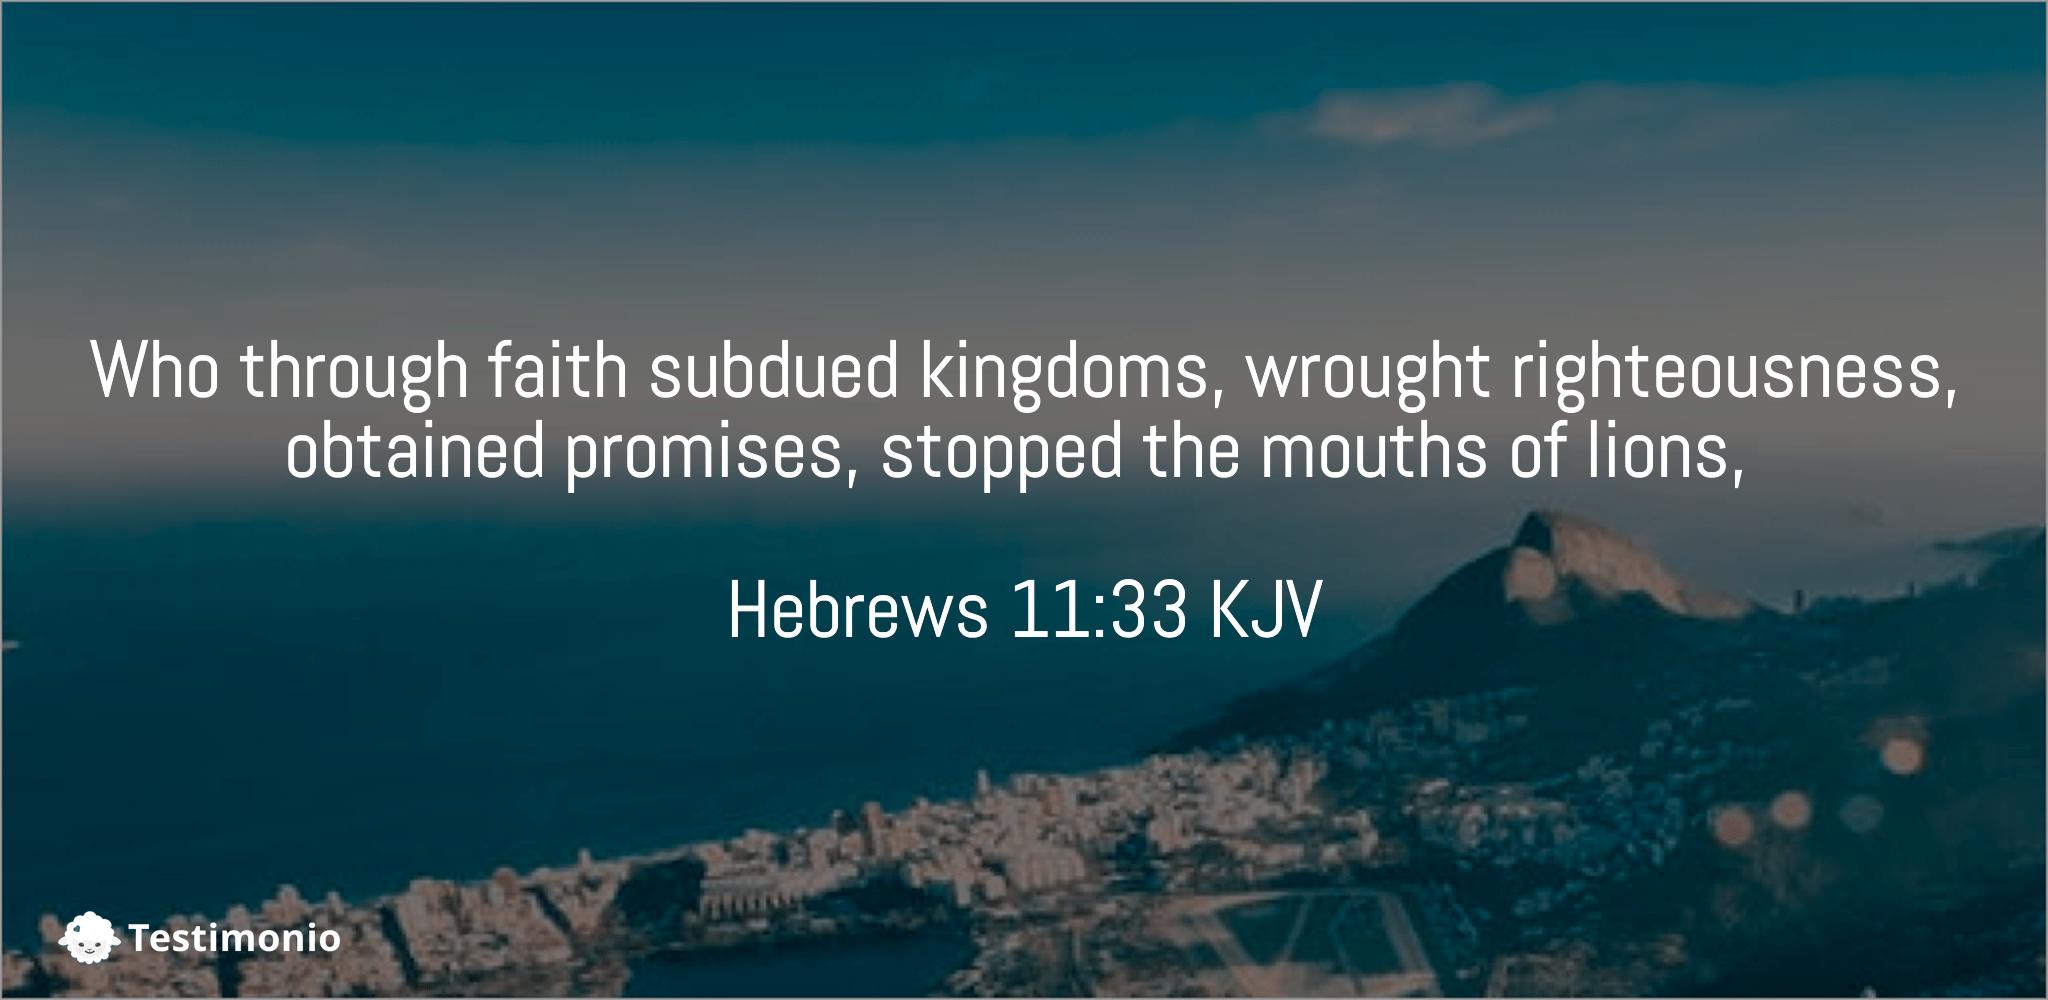 Hebrews 11:33